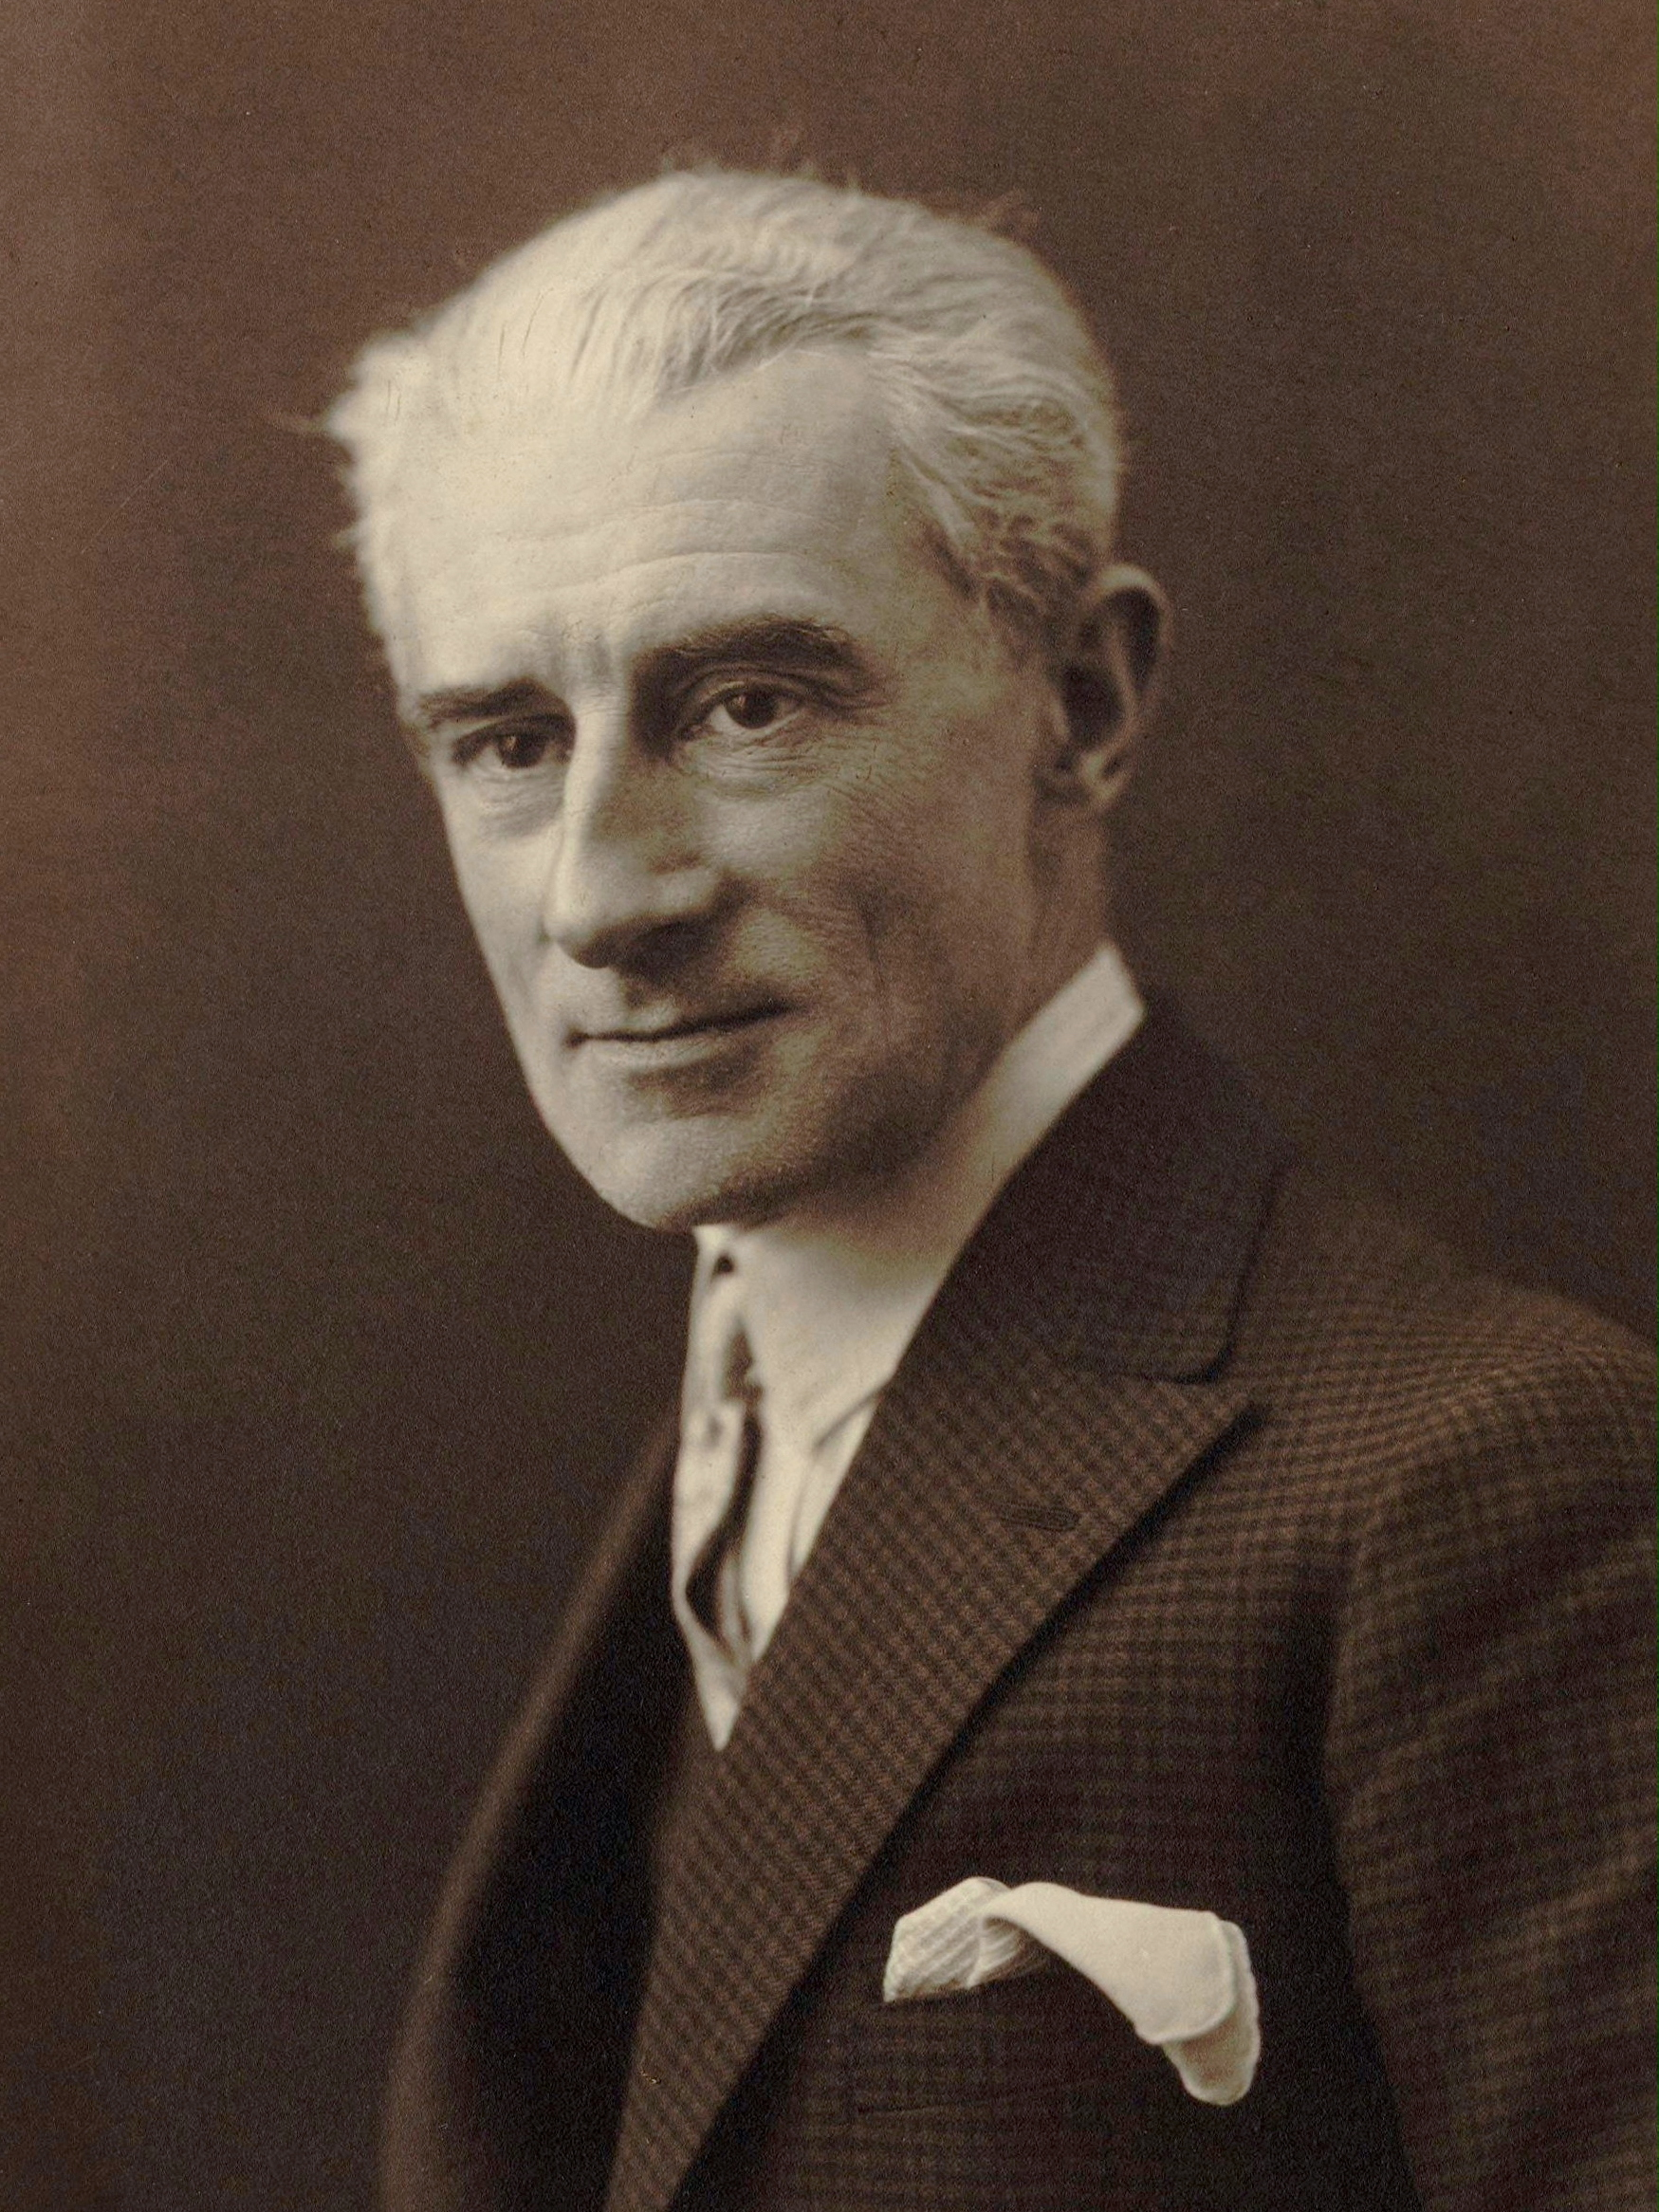 Qui A Composé Le Célèbre « Concerto Pour La Main Gauche »? : composé, célèbre, concerto, gauche, Maurice, Ravel, Wikipédia